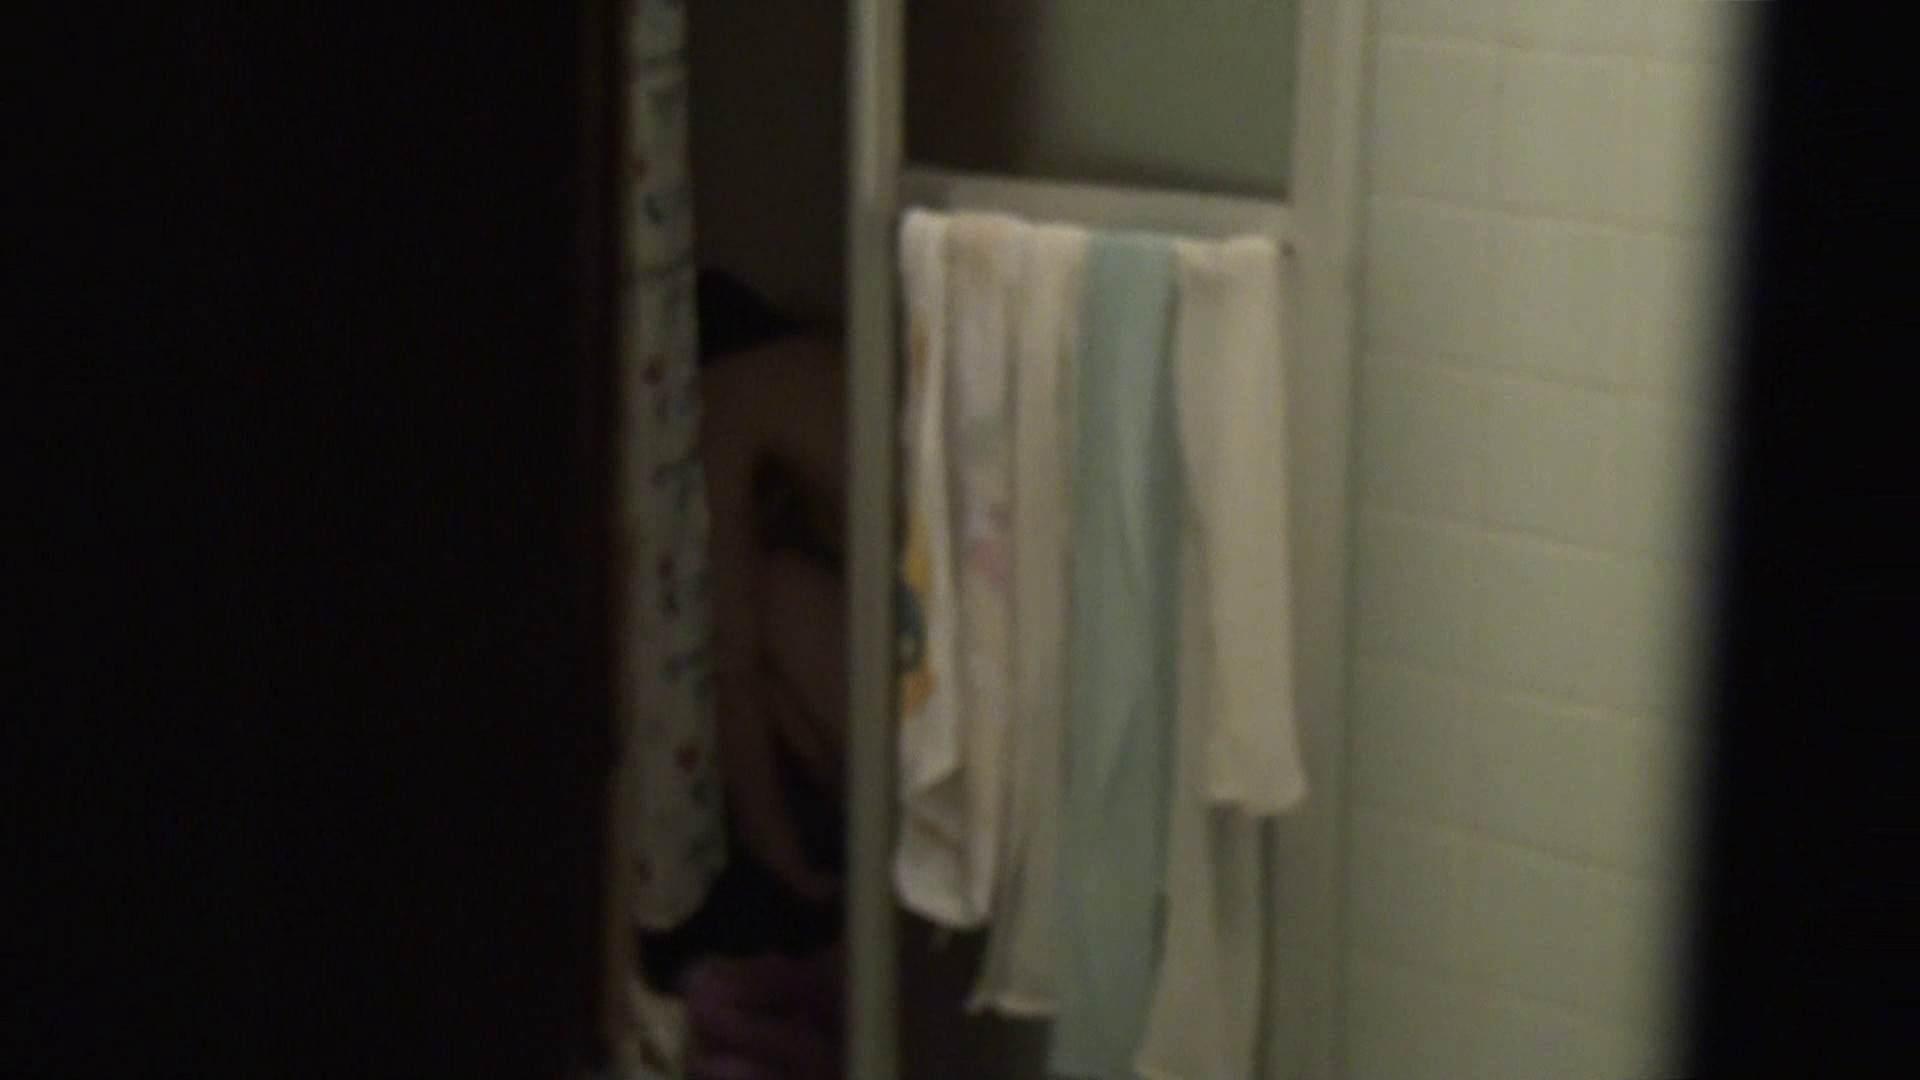 vol.06顔を洗い流す極上お女市さんの裸体をハイビジョンで!風呂上り着替え必見! 裸体  84pic 72